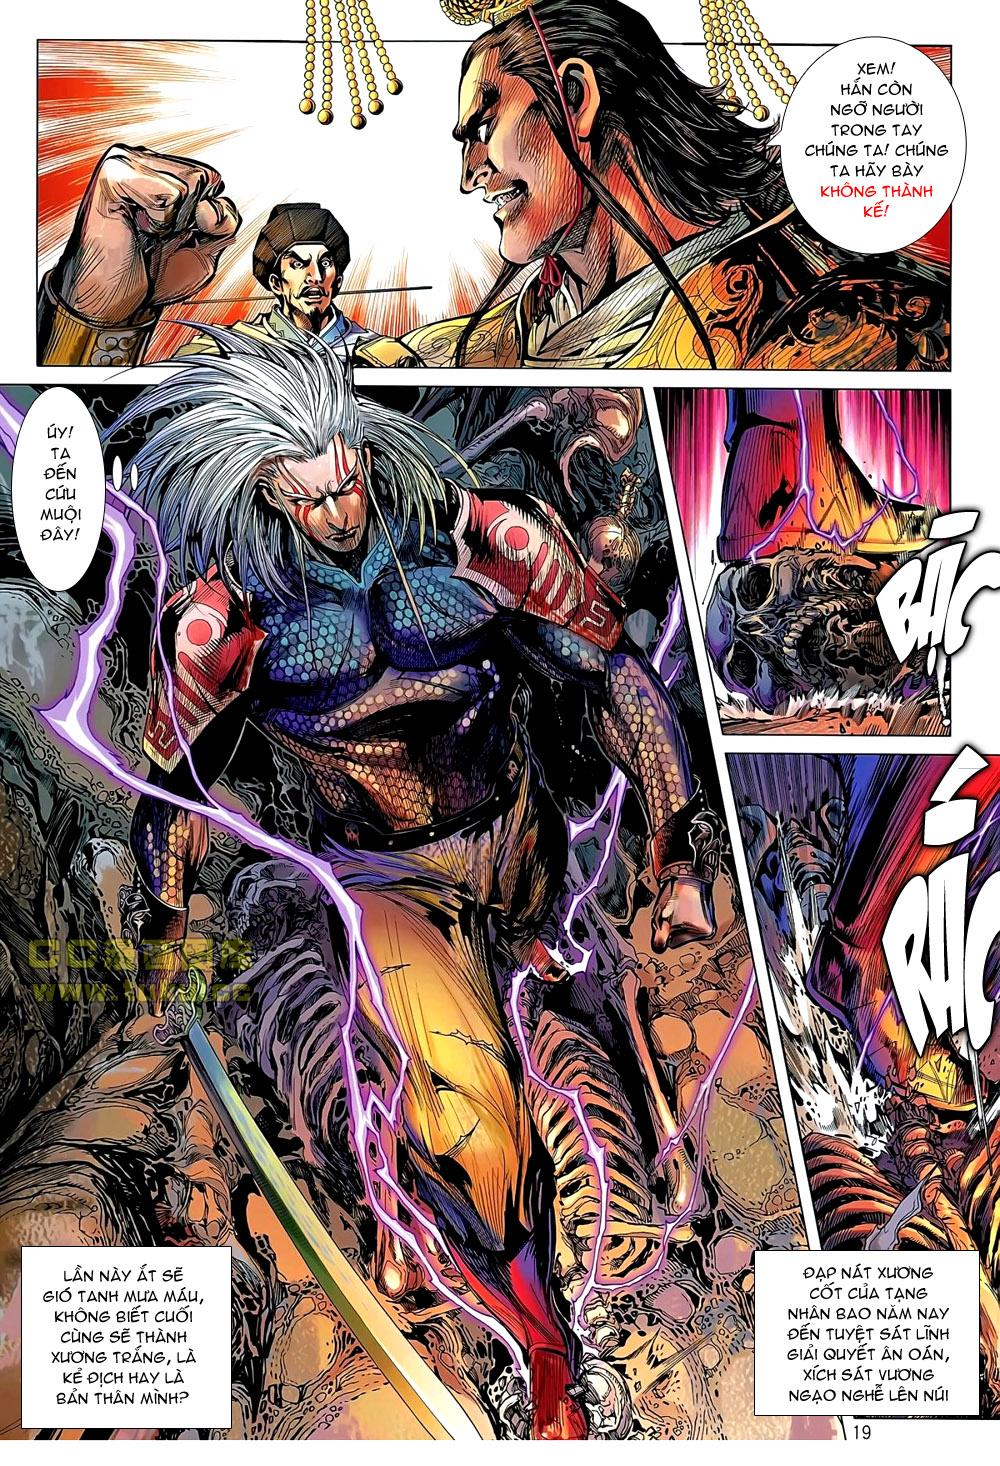 truyện tranh thiết tướng tung hoành Chapter 43/